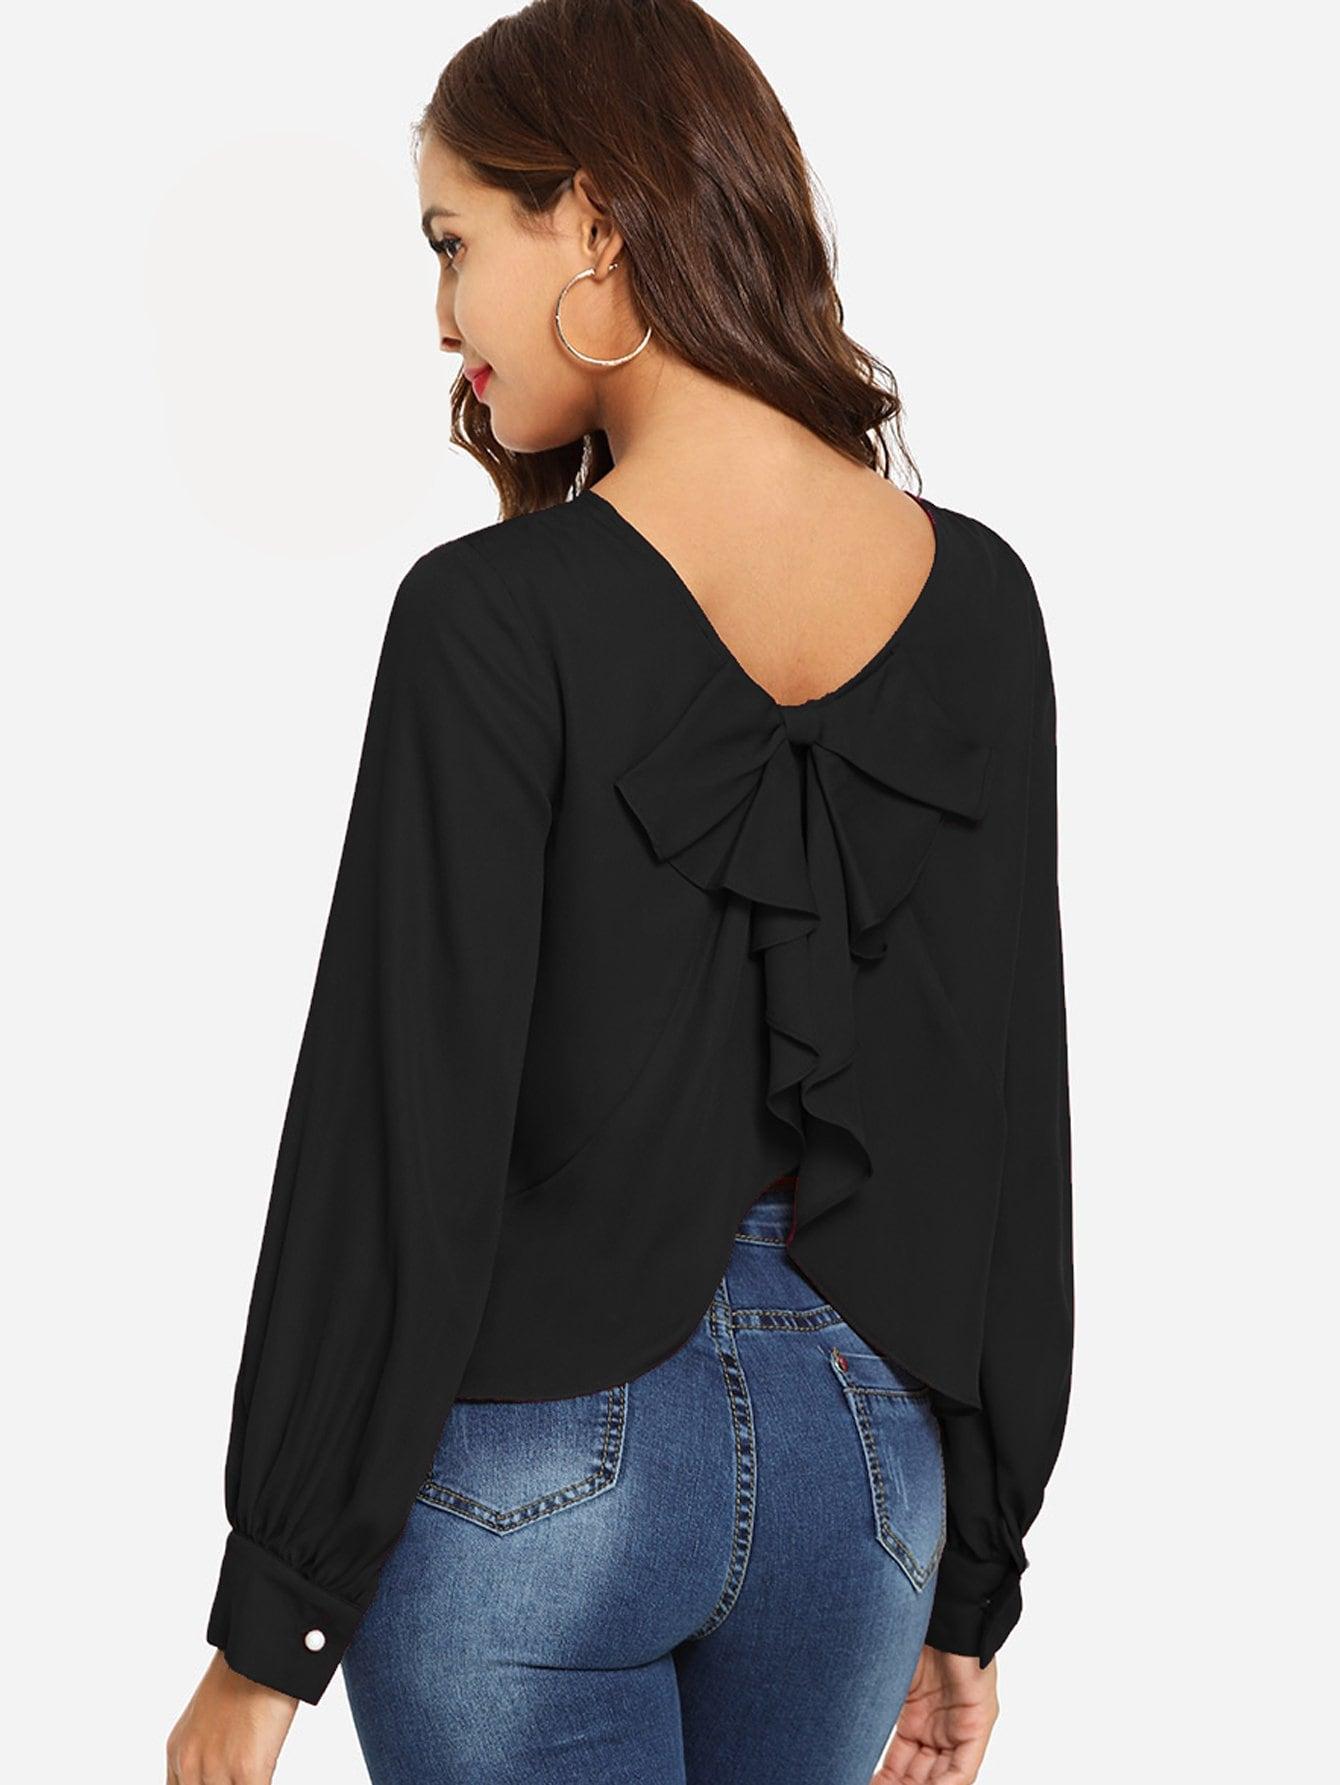 Купить Сплит сзади блузка с оборками с бантом, Giulia, SheIn